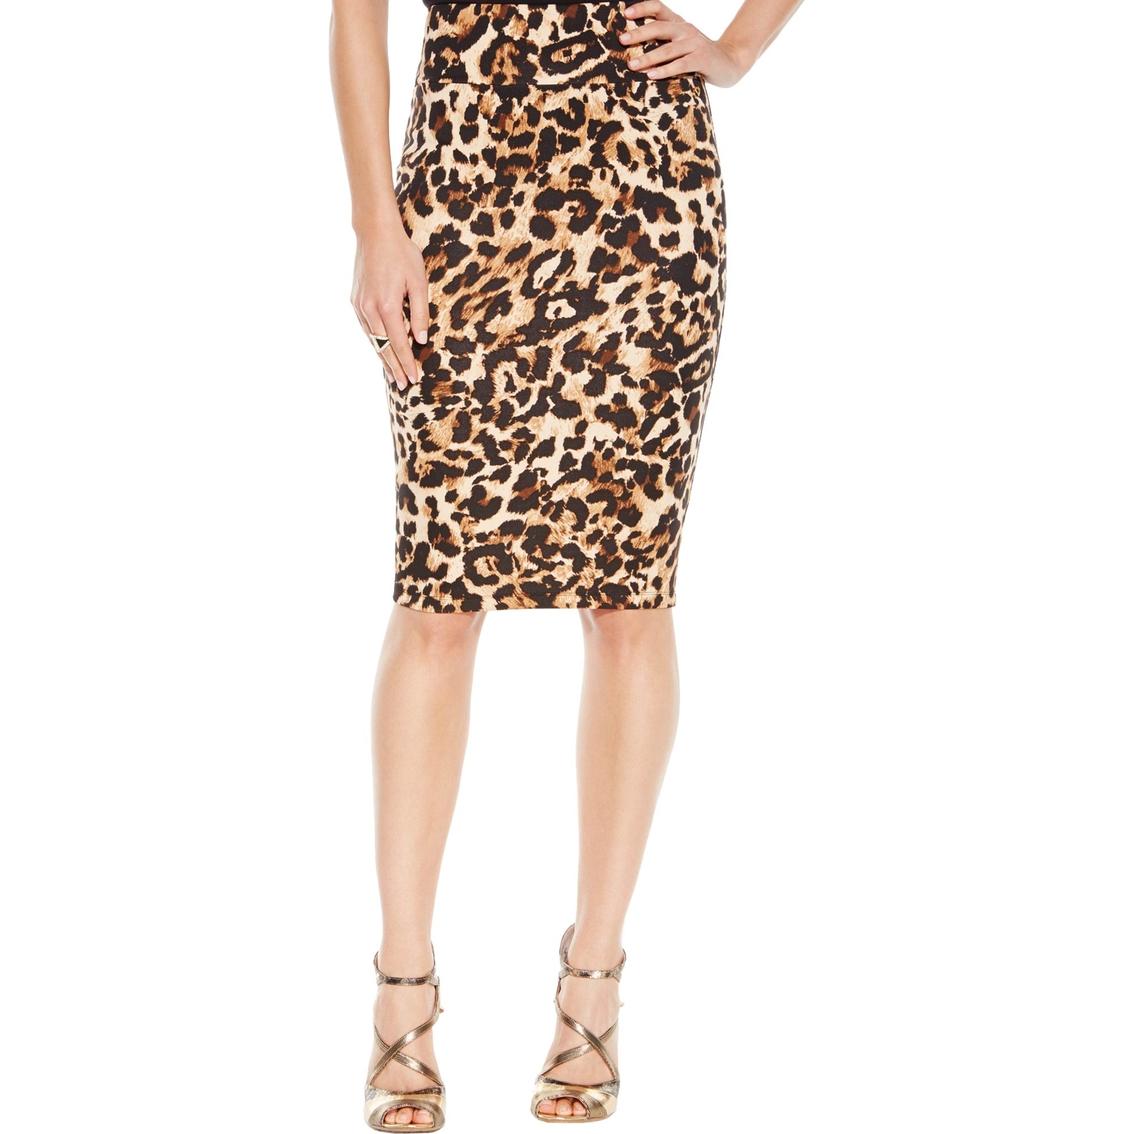 0914fd5f08 Thalia Sodi Leopard Print Scuba Pencil Skirt | Skirts | Apparel ...